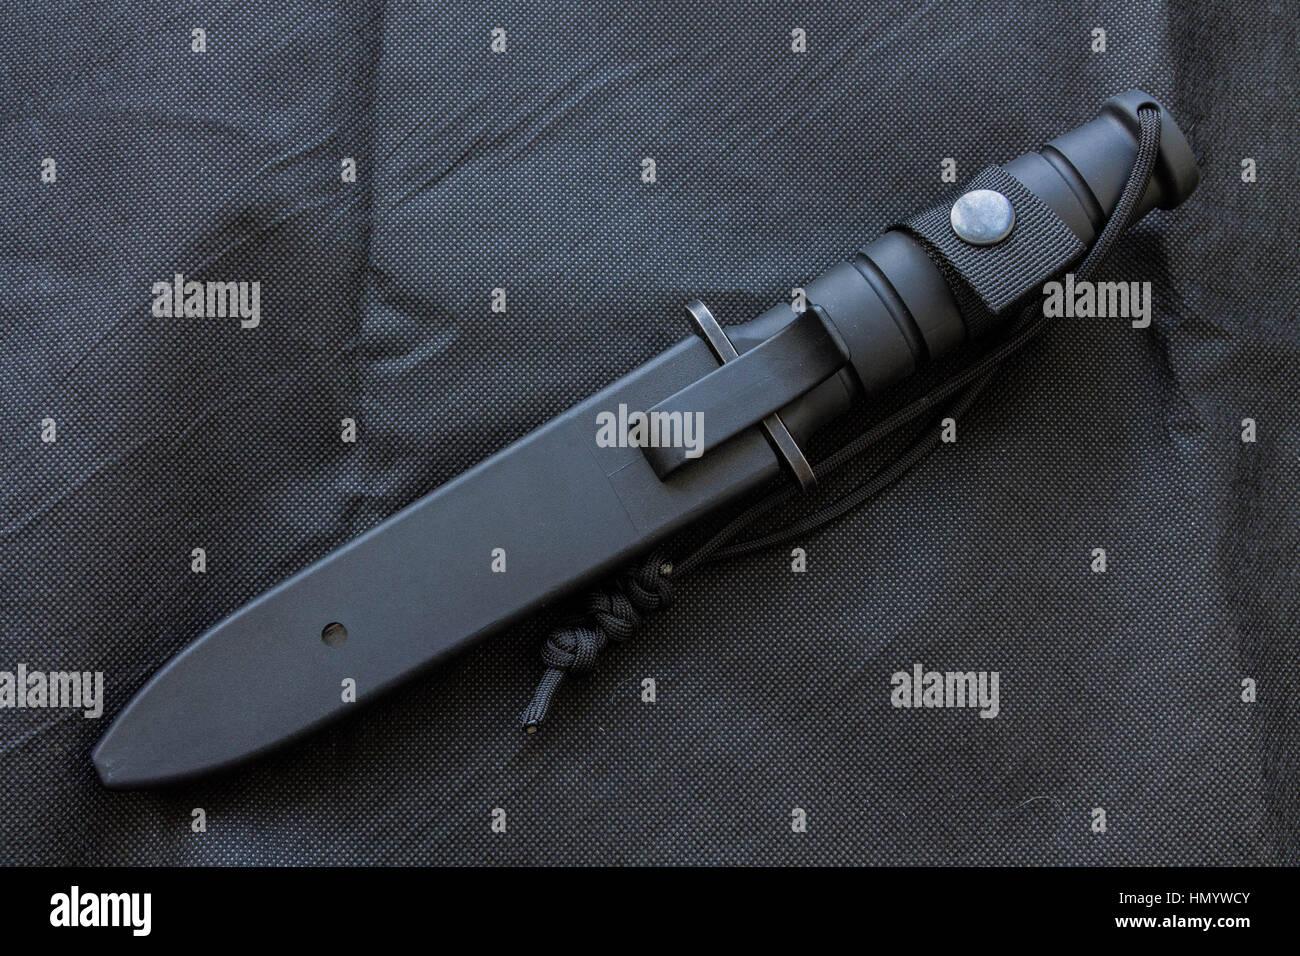 Knifea tactique cas. Couteau noir sur fond noir pour l'armée. Photo Stock